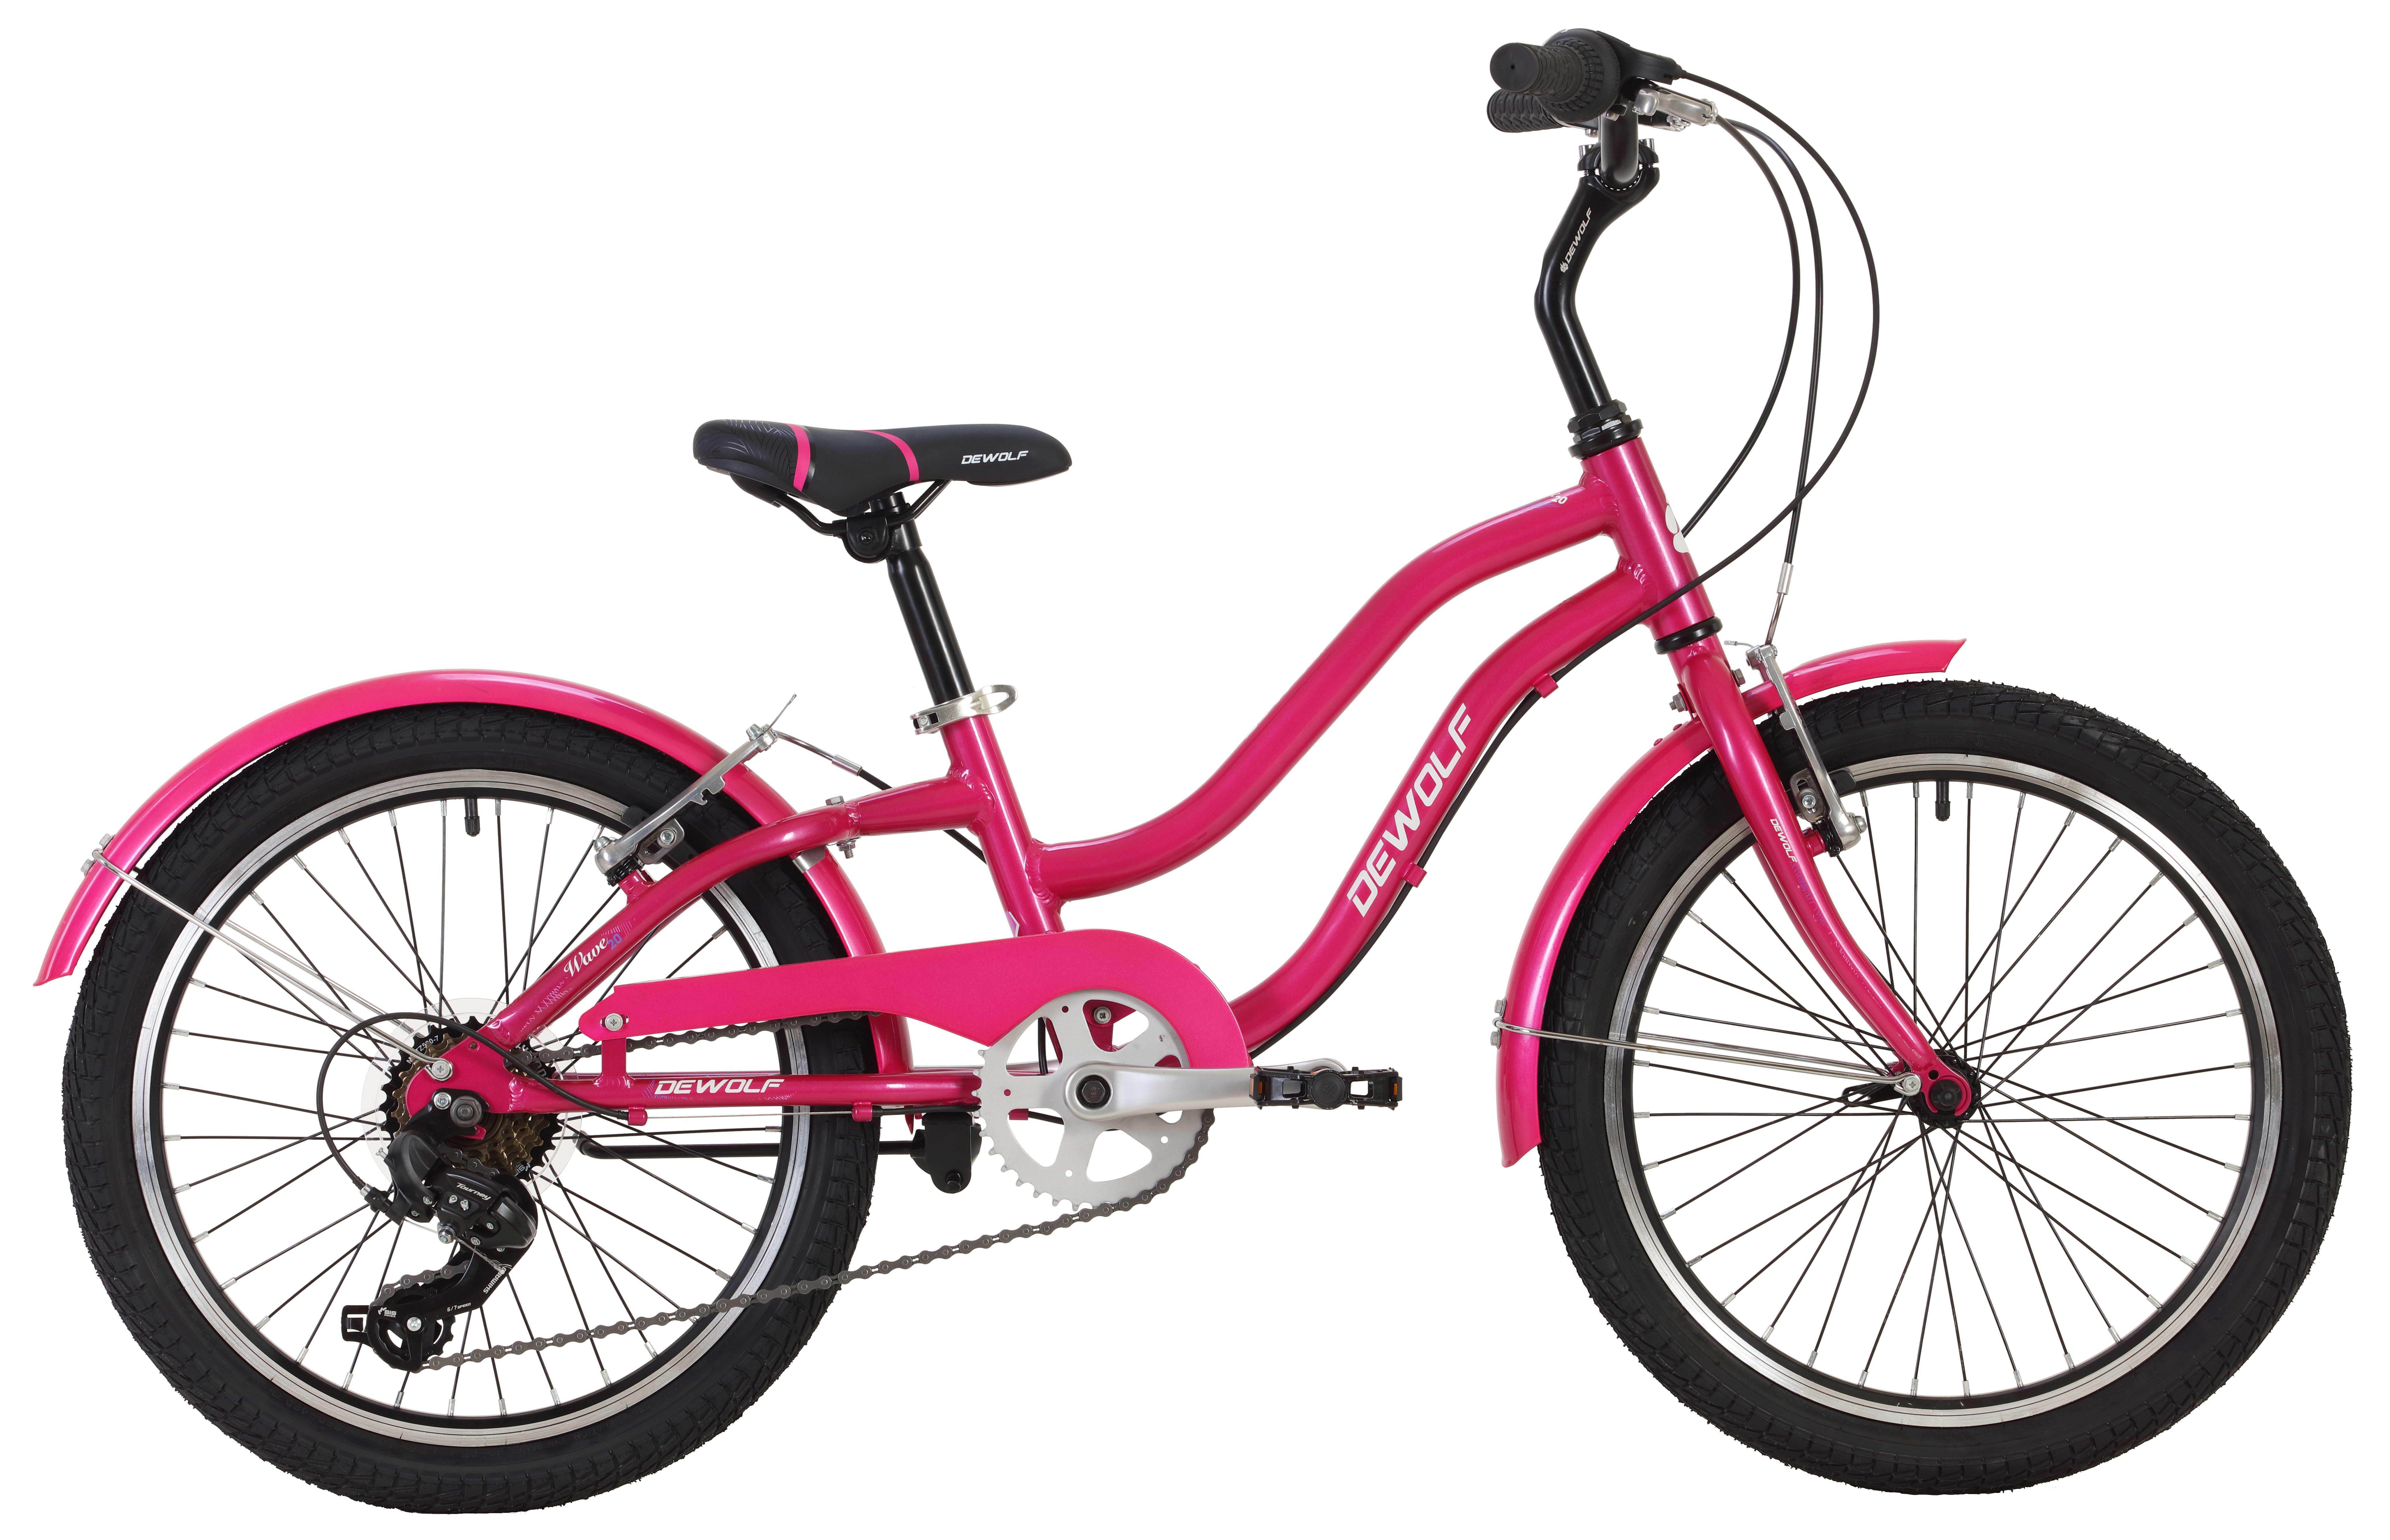 купить Велосипед Dewolf Wave 20 2019 по цене 16500 рублей